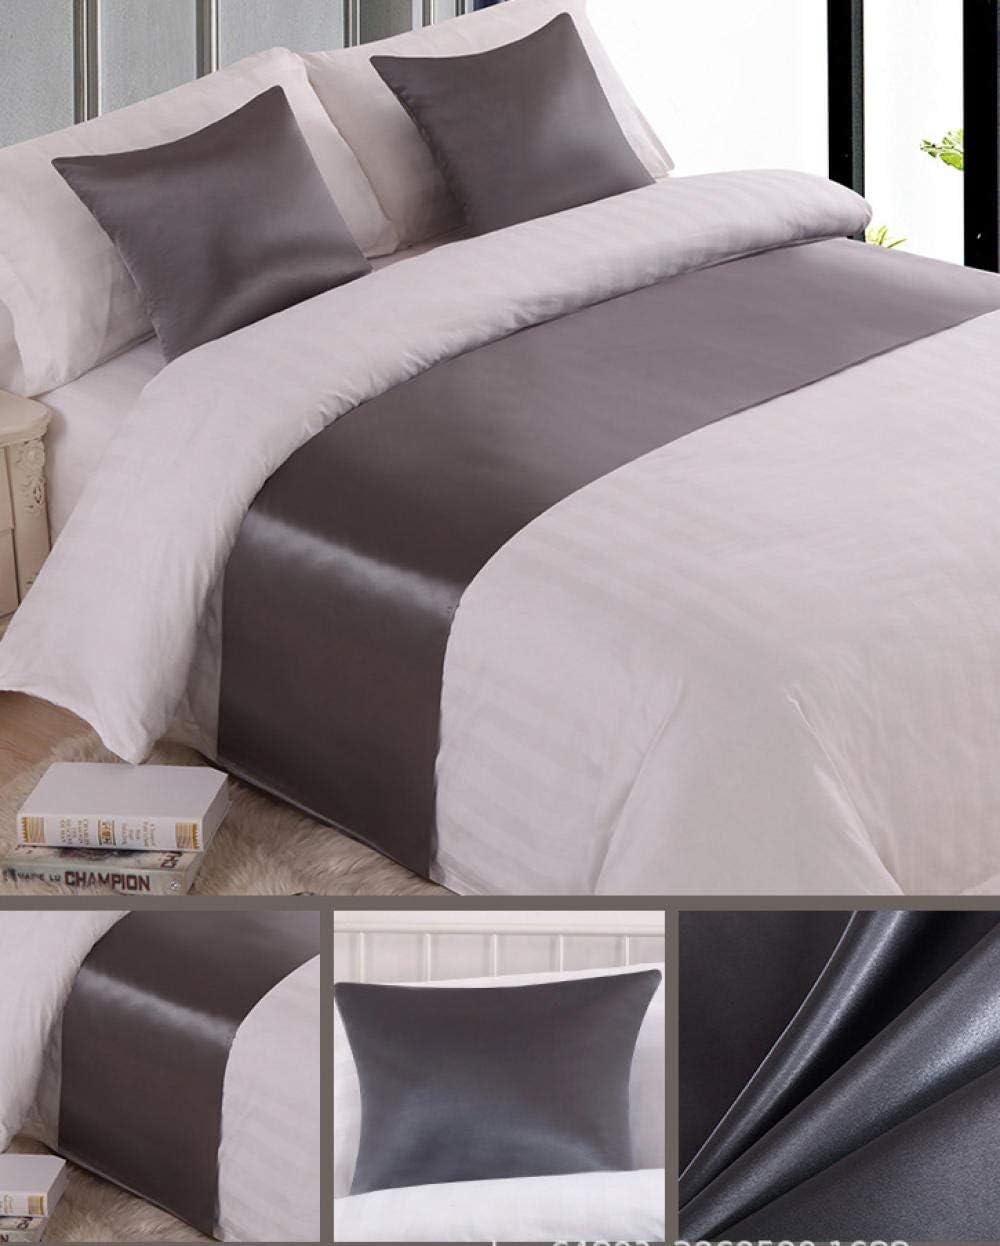 SjyBed Corredor de Cama Color Liso Tela de Algod/ón Toalla de Cama Corredor de Cama Coj/ín de Cama Funda de Cama Hotel Hotel Ropa de Cama Beige Funda de Almohada N/úcleo de Almohada Cuadrado